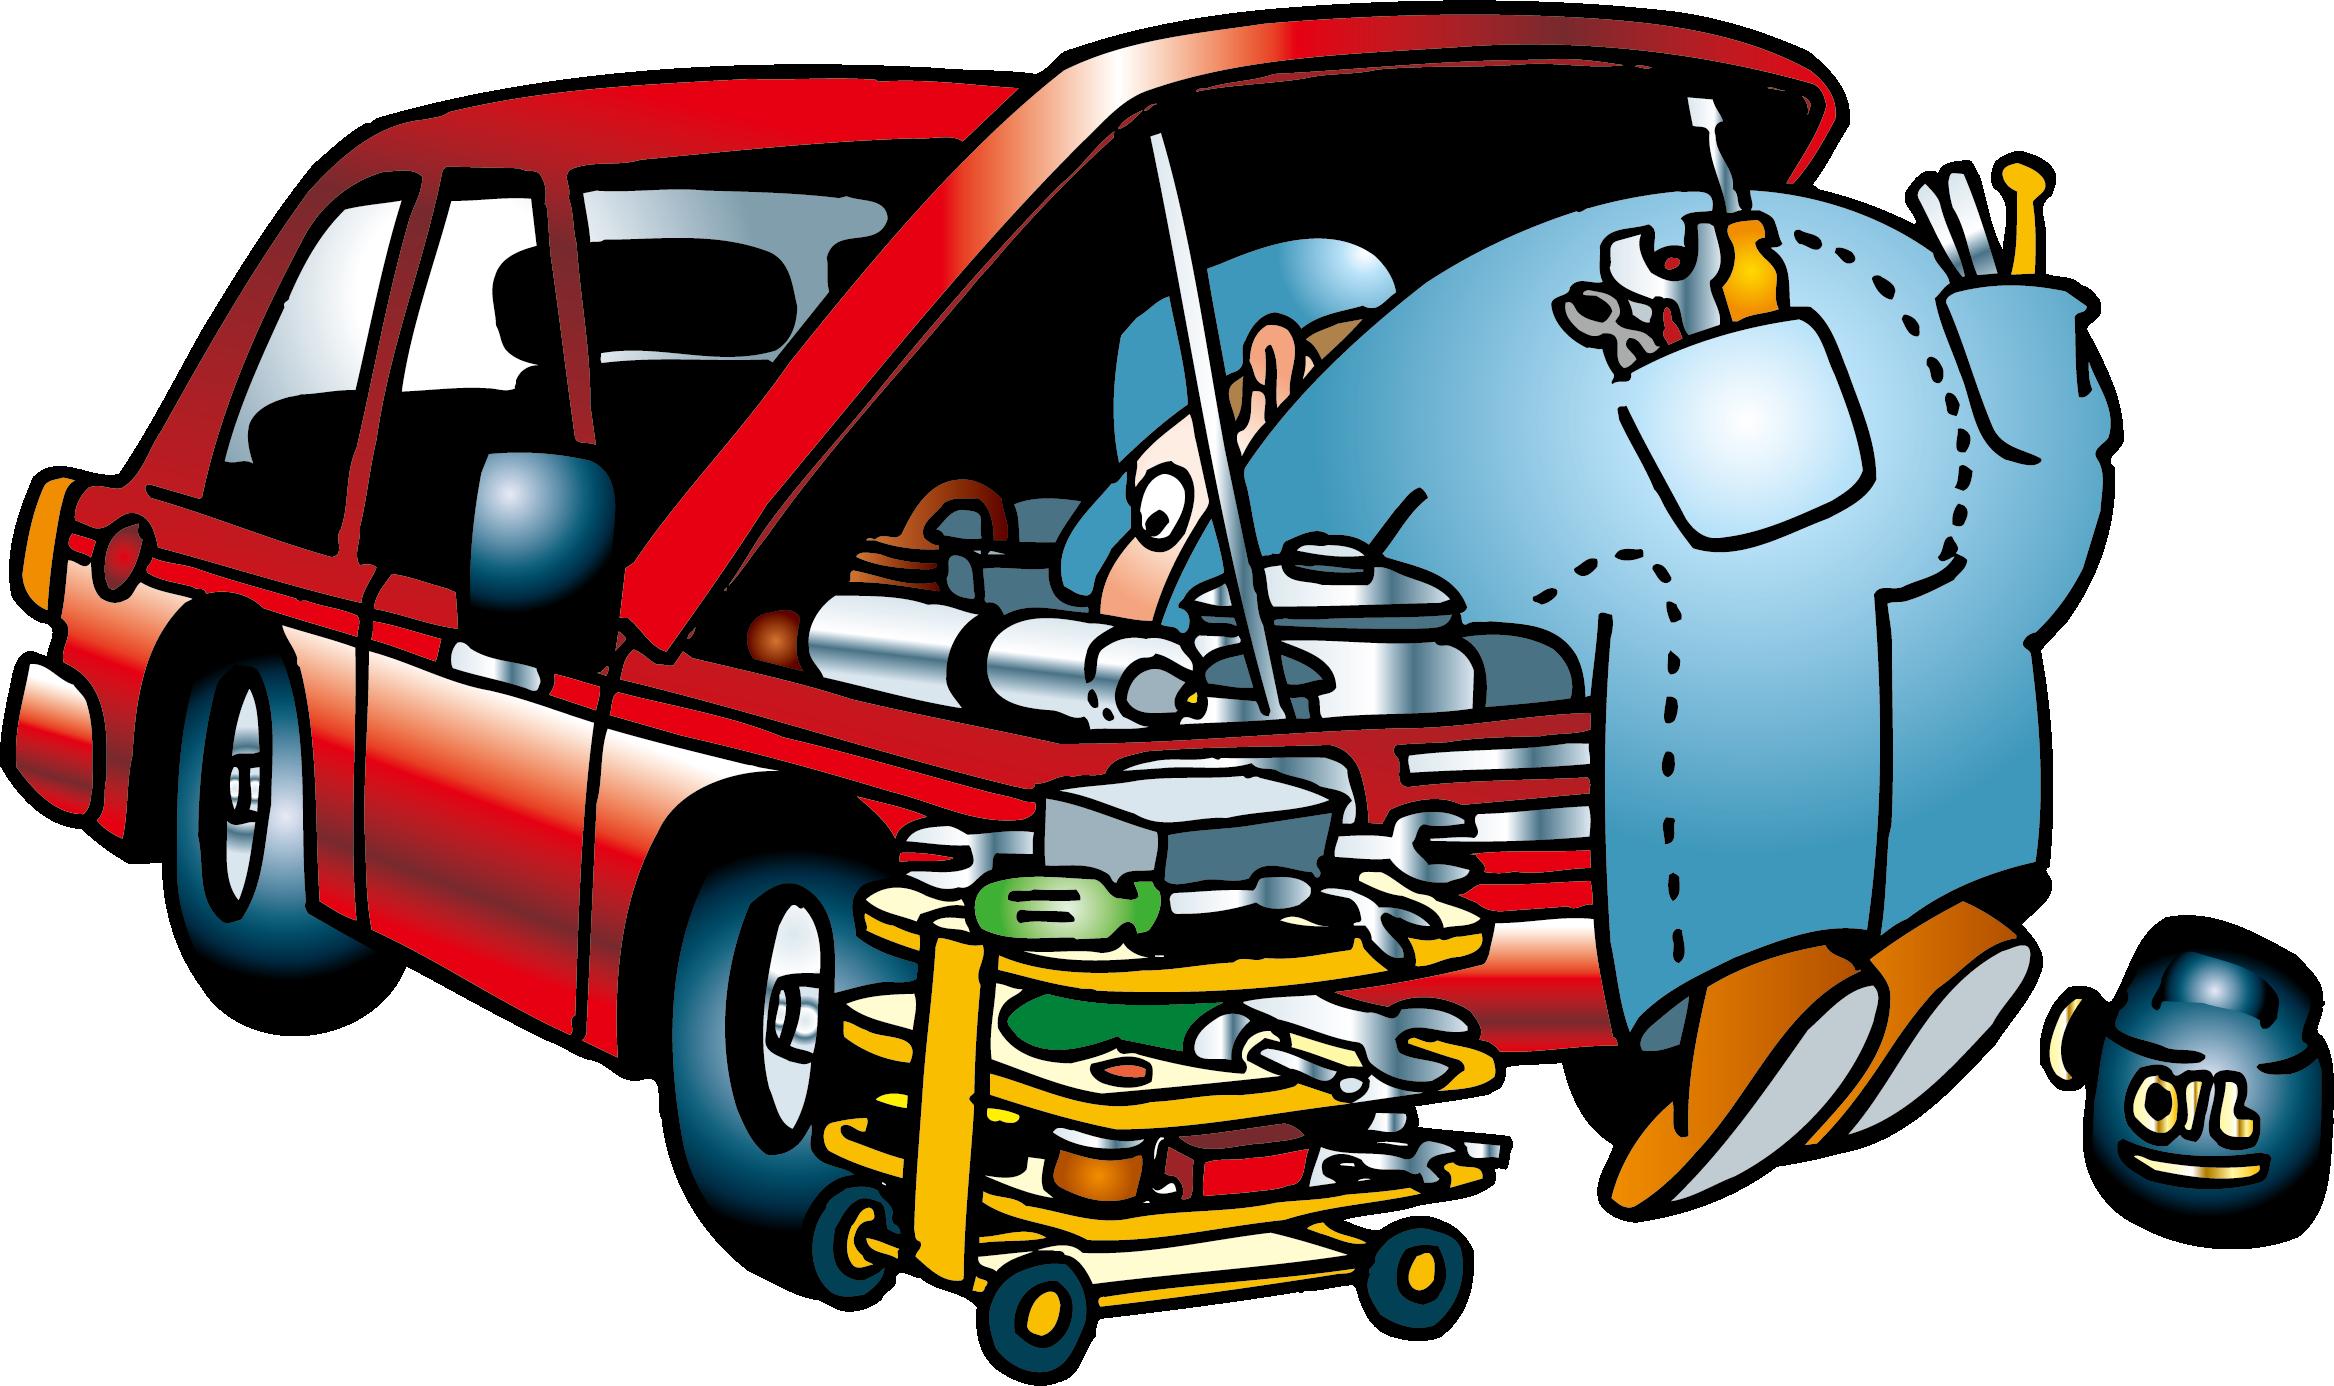 Прикольные картинки ремонт автомобиля, флаера открытки фоны